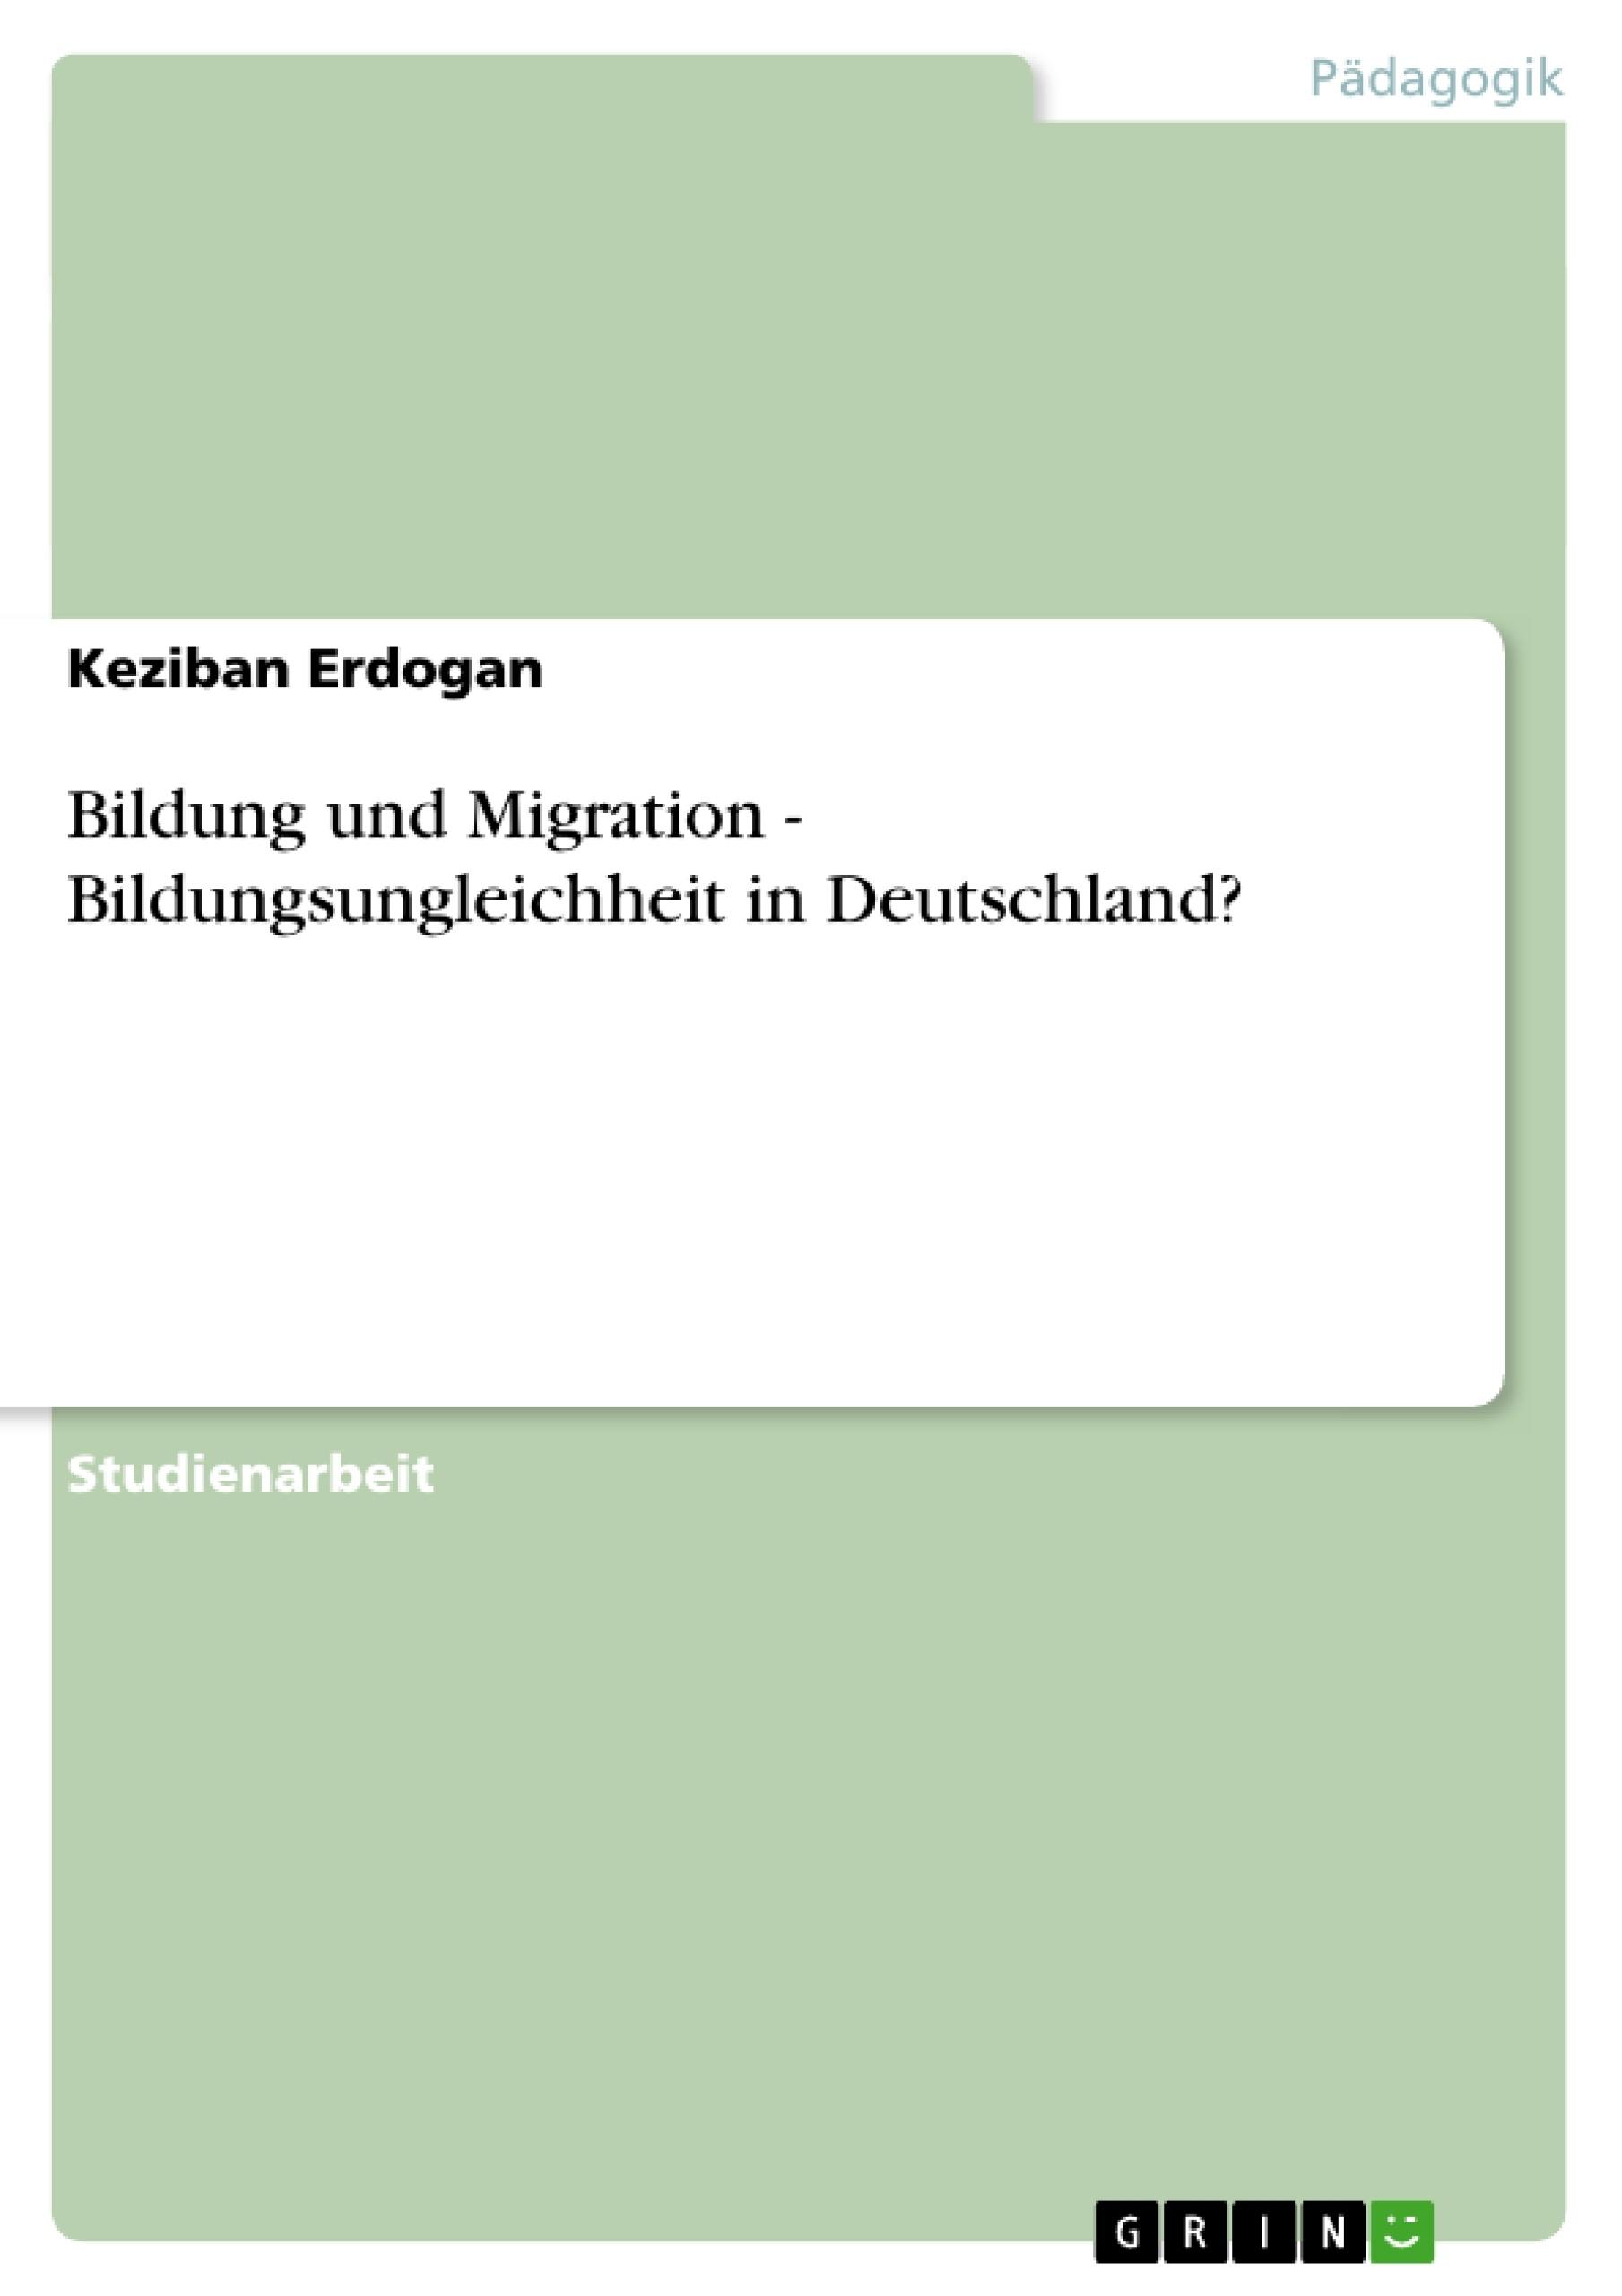 Titel: Bildung und Migration - Bildungsungleichheit in Deutschland?